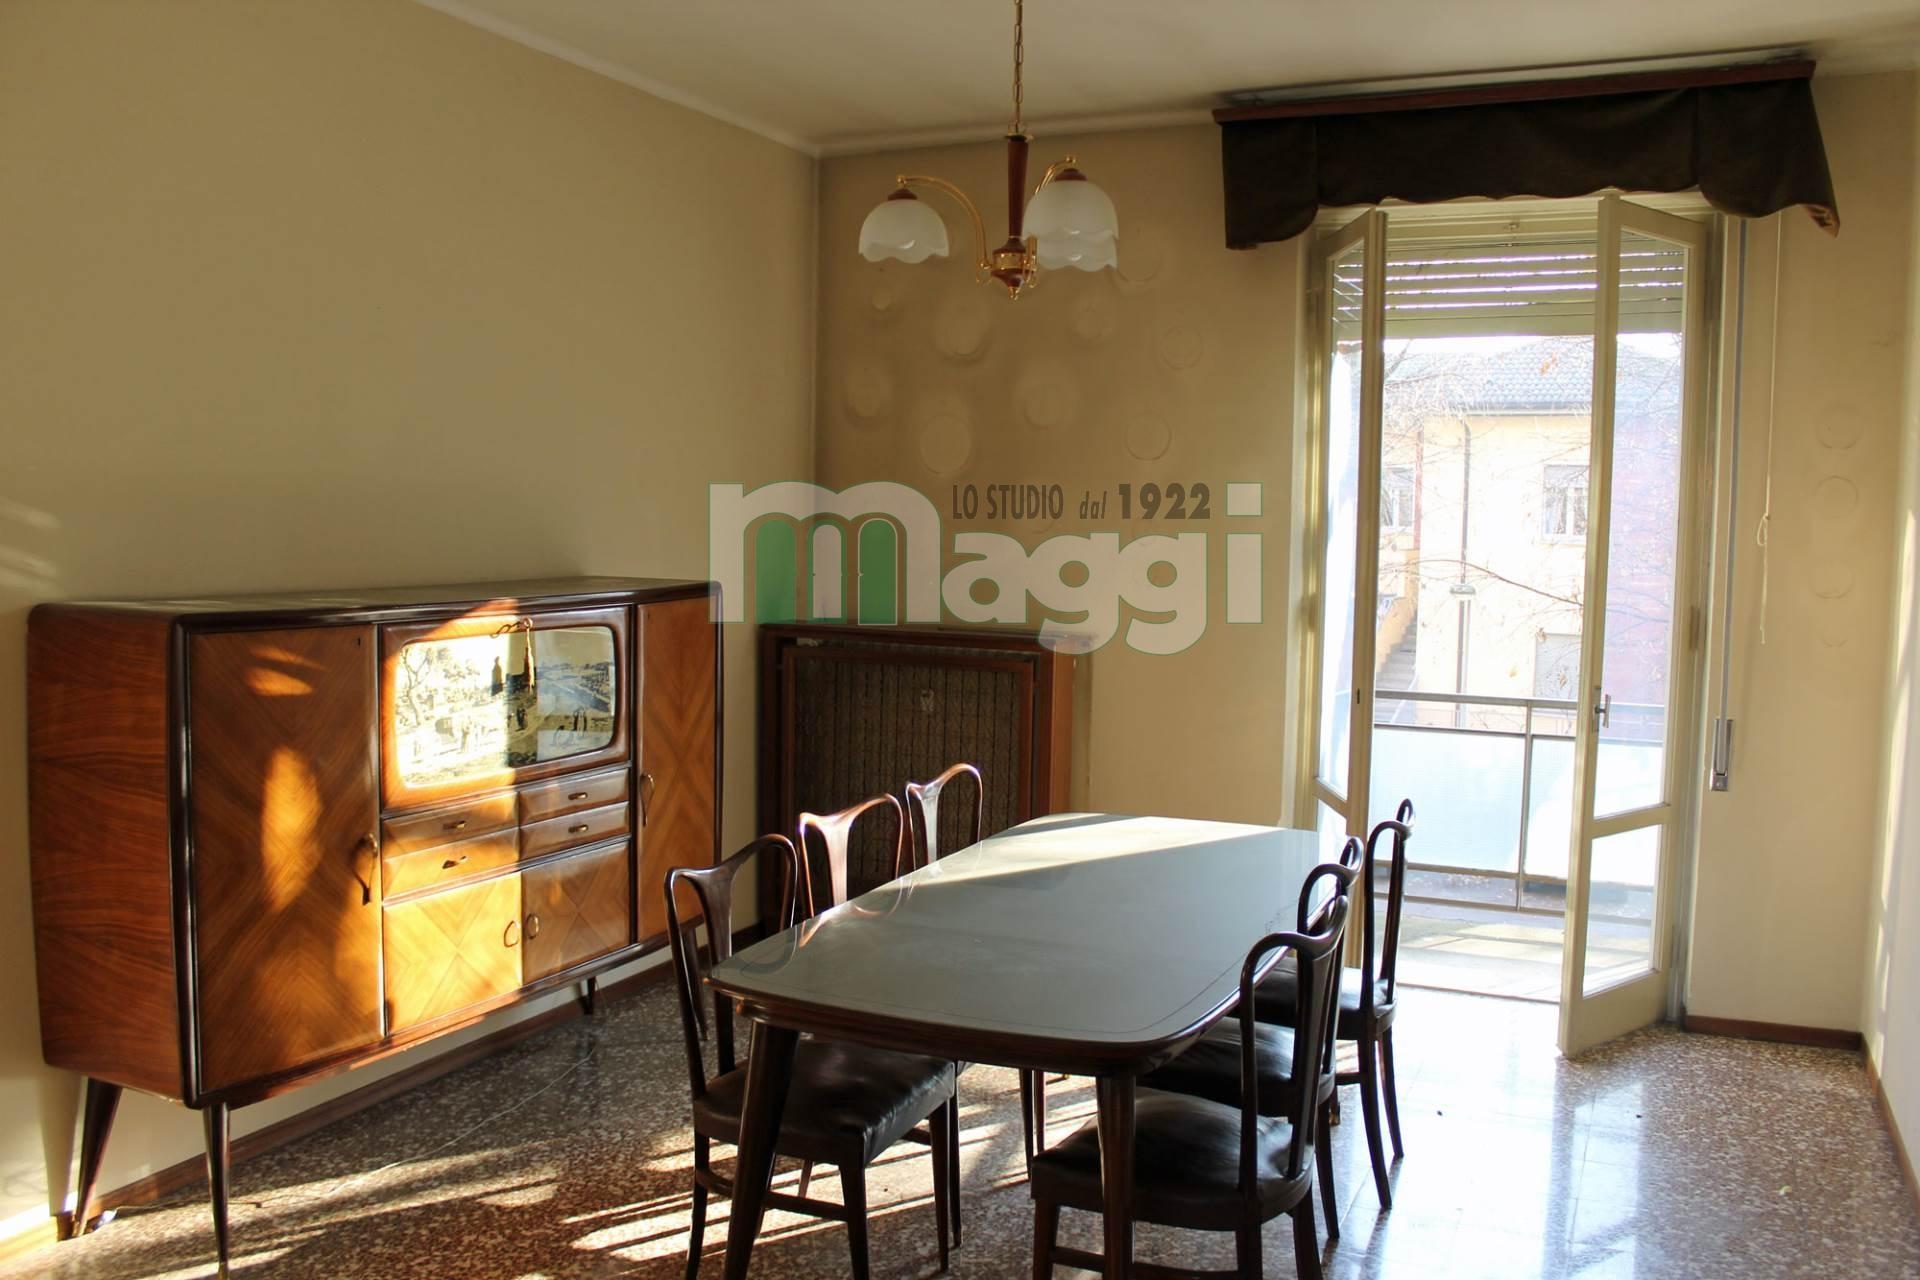 Appartamento in vendita a Voghera, 3 locali, zona Località: CENTRO, prezzo € 55.000 | Cambio Casa.it